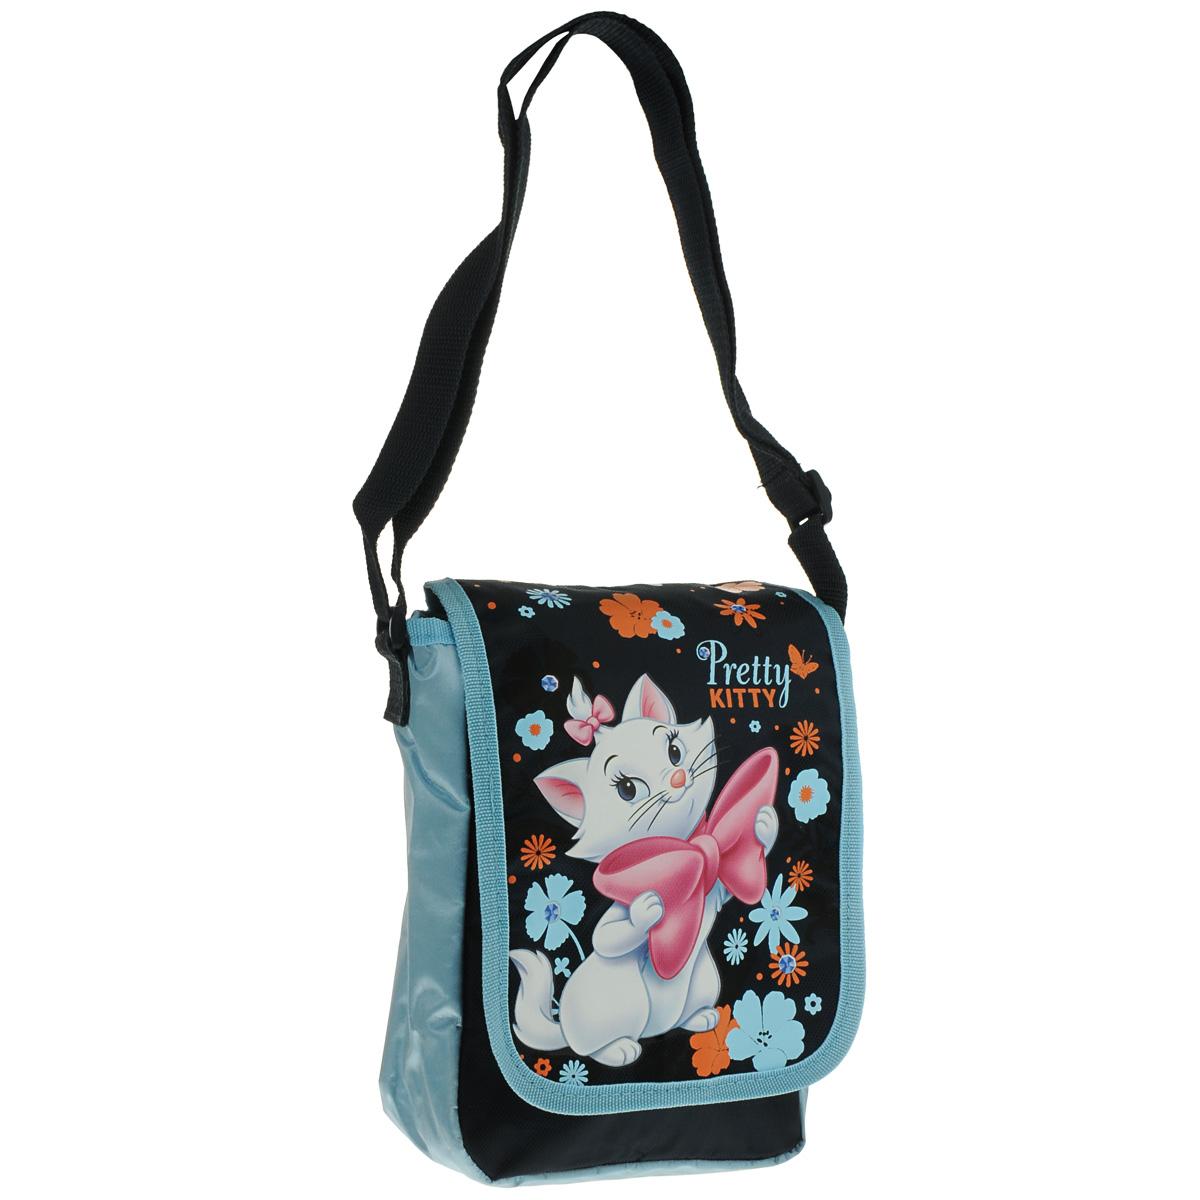 Сумка детская на плечо Marie Cat, цвет: темно-синий, голубойA-B86-05-CДетская сумка Marie Cat выполнена из прочного полиэстера и оформлена термоаппликацией с изображением милой белой кошечки. Сумочка содержит одно отделение и закрывается клапаном на липучке. Внутри находится пришивной кармашек для мелочей на молнии.Сумочка оснащена регулируемым по длине текстильным ремнем для переноски на плече, благодаря чему подойдет ребенку любого роста.